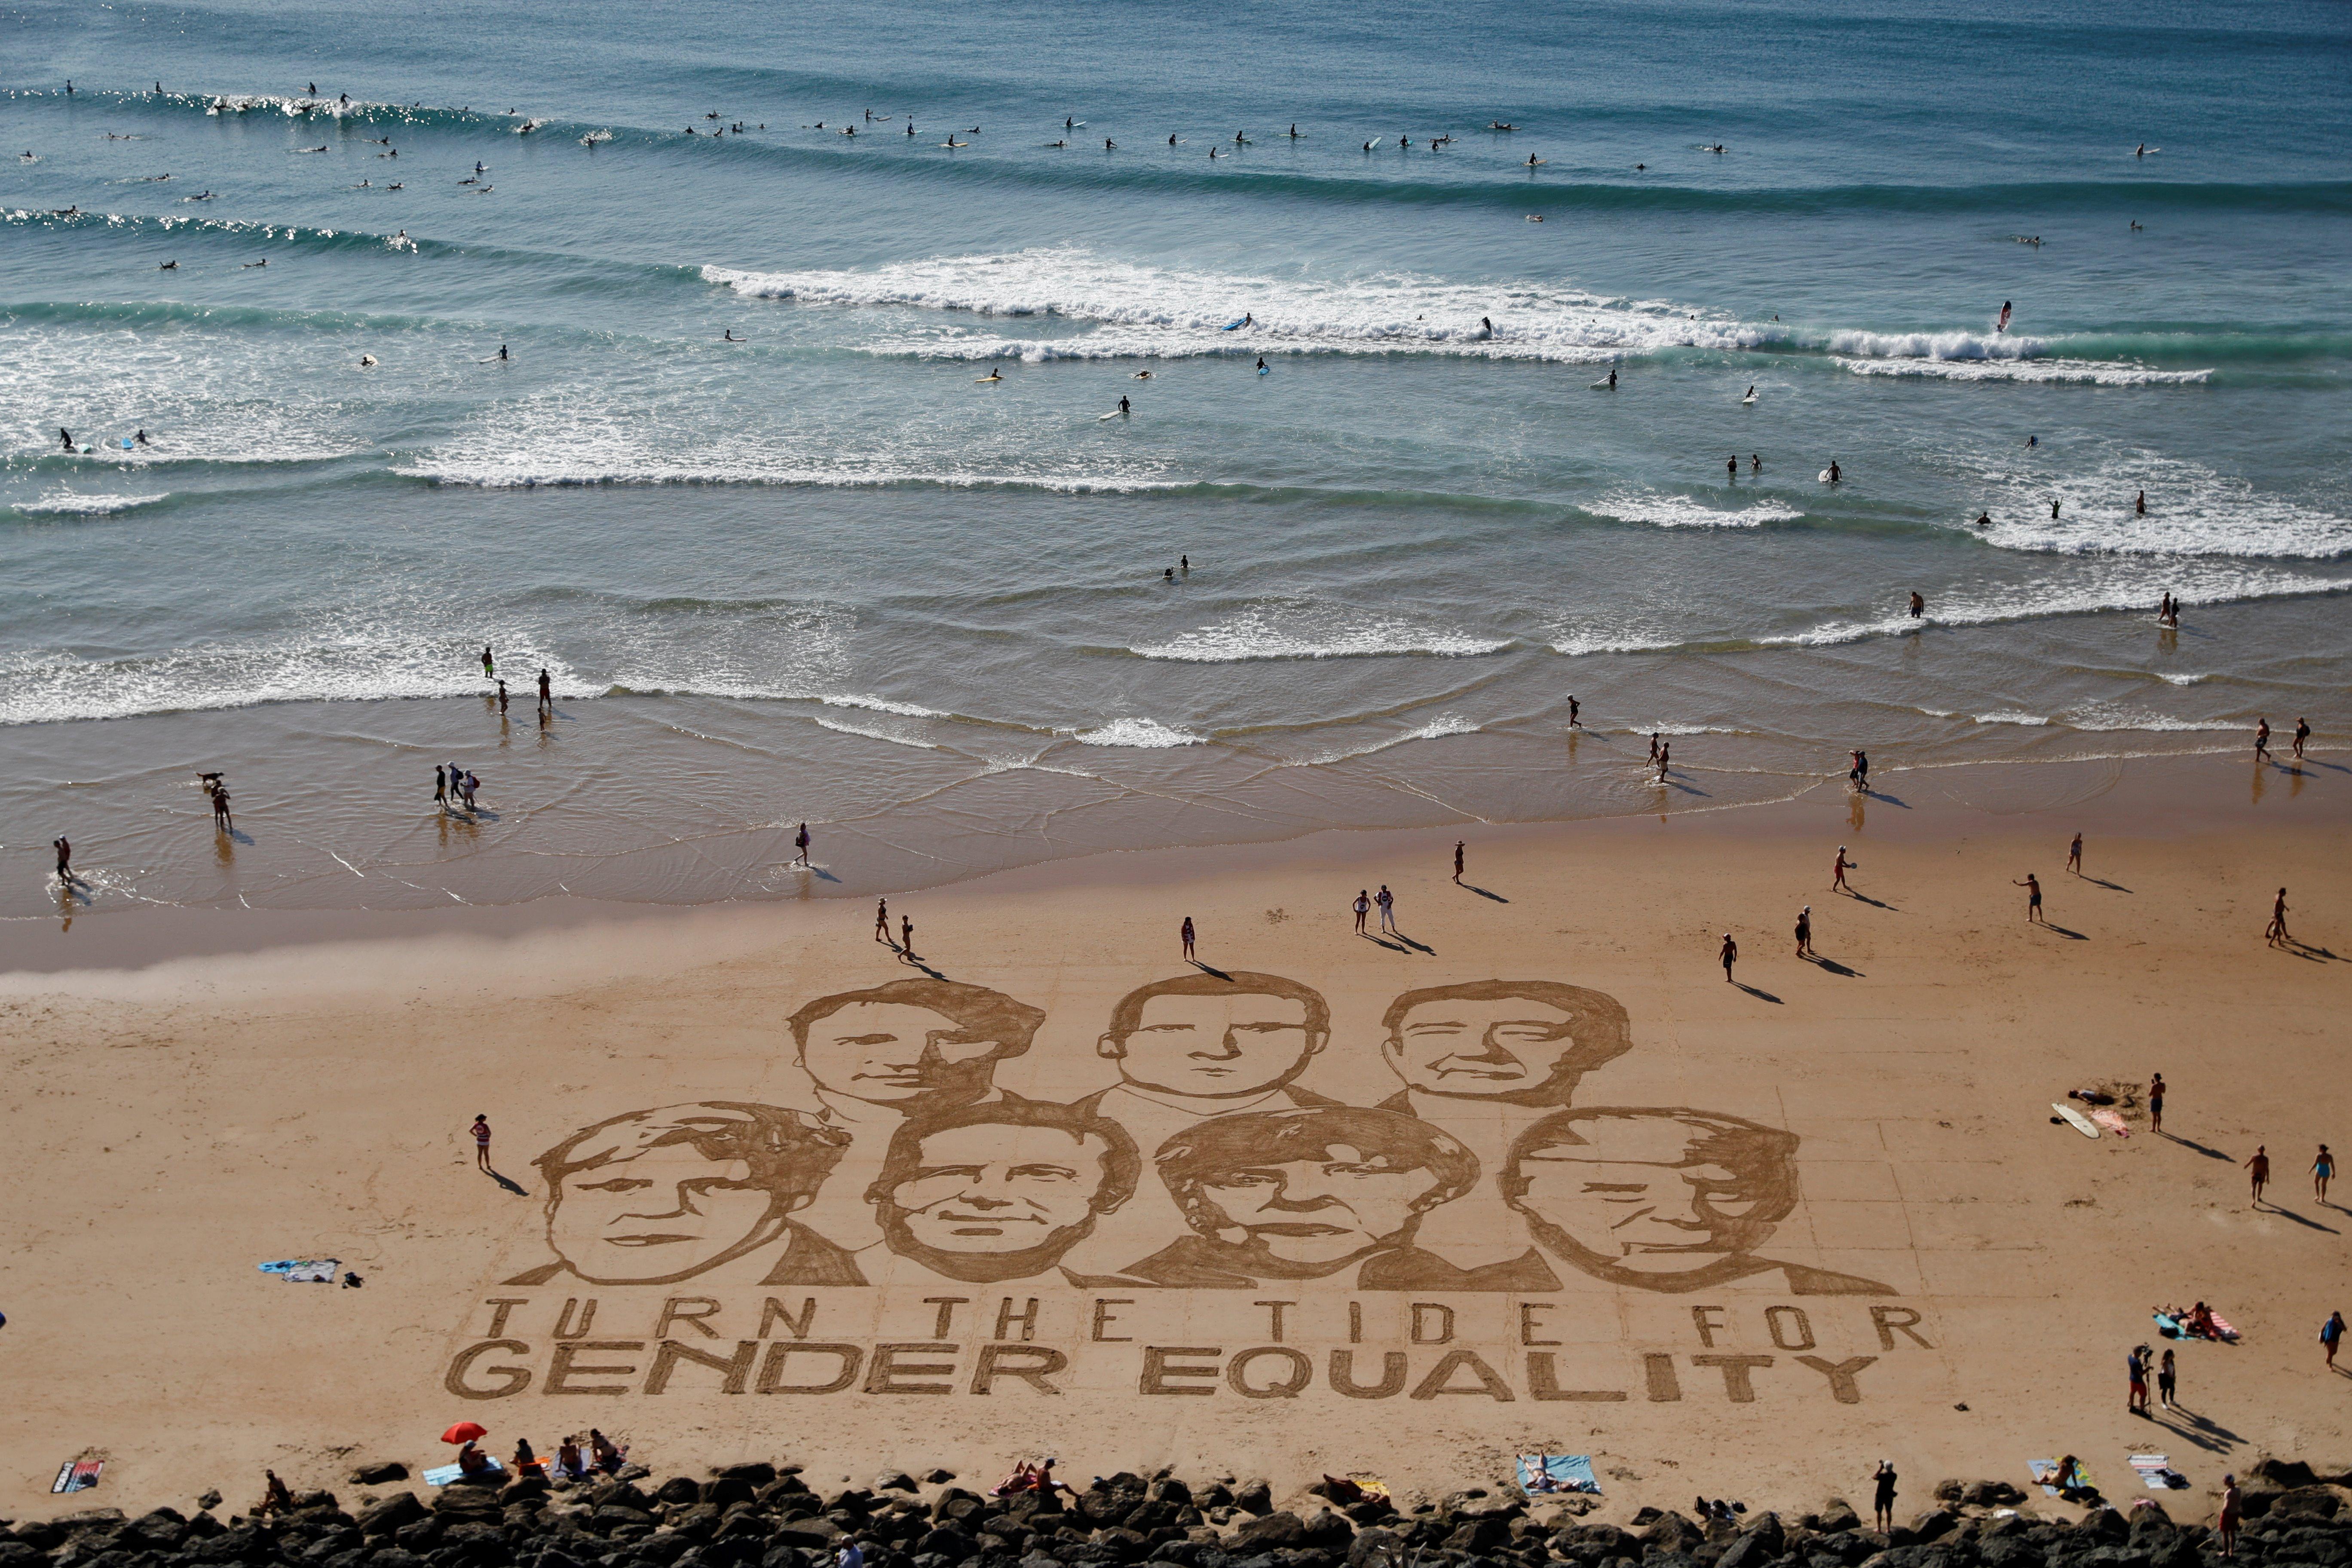 La playa cercana al hotel de la cumbre fue el escenario para un dibujo artístico de los líderes y un clamor por la igualdad de género